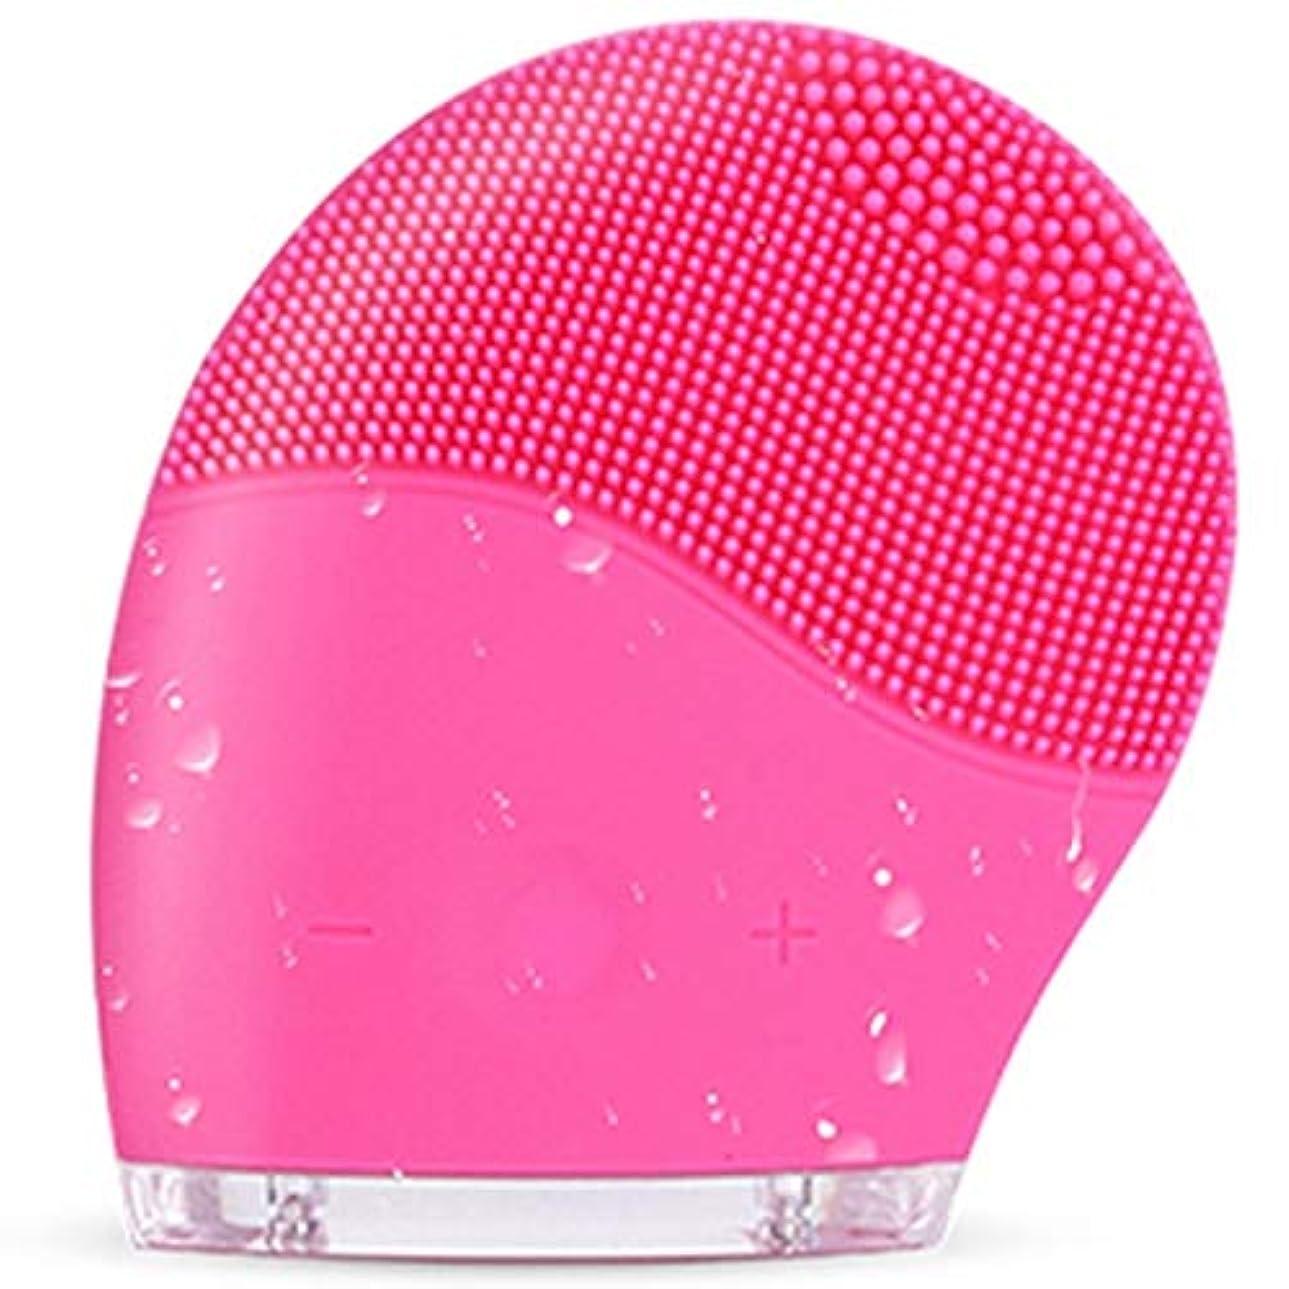 差カテナ注釈を付けるすべての肌タイプのディープクレンジング、スクラブ、およびにきびを減らすためのシリコンフェイスクレンジングブラシ、防水アンチエイジング超音波フェイシャルブラシ、ディープエクスフォリエーターメイクアップツール (Color...